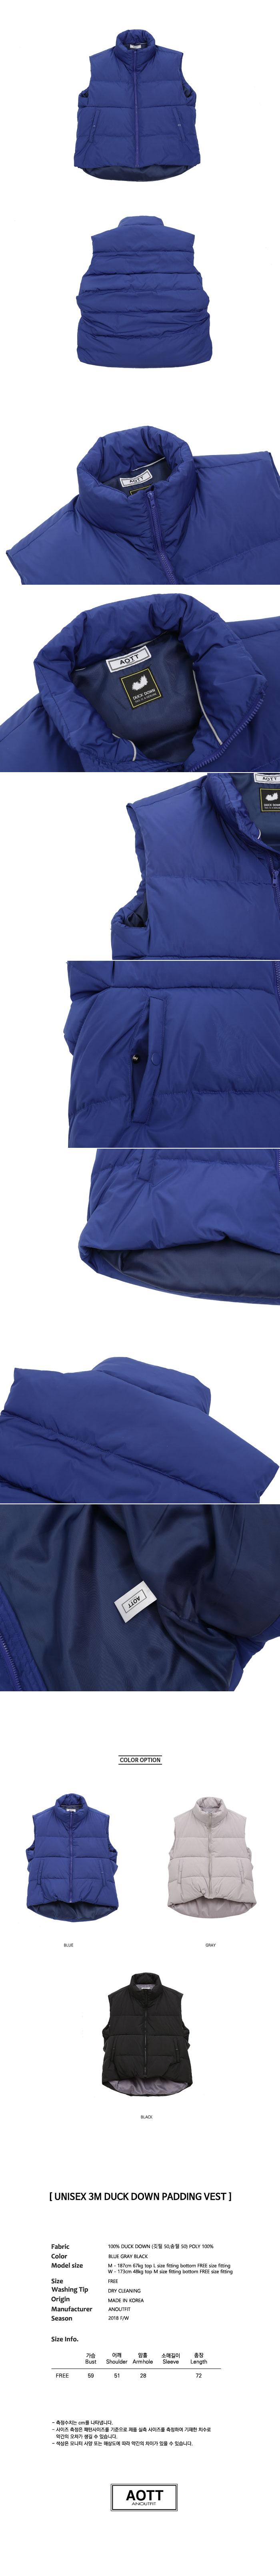 언아웃핏(AOTT) 유니섹스 3M 덕다운 패딩 베스트 블루